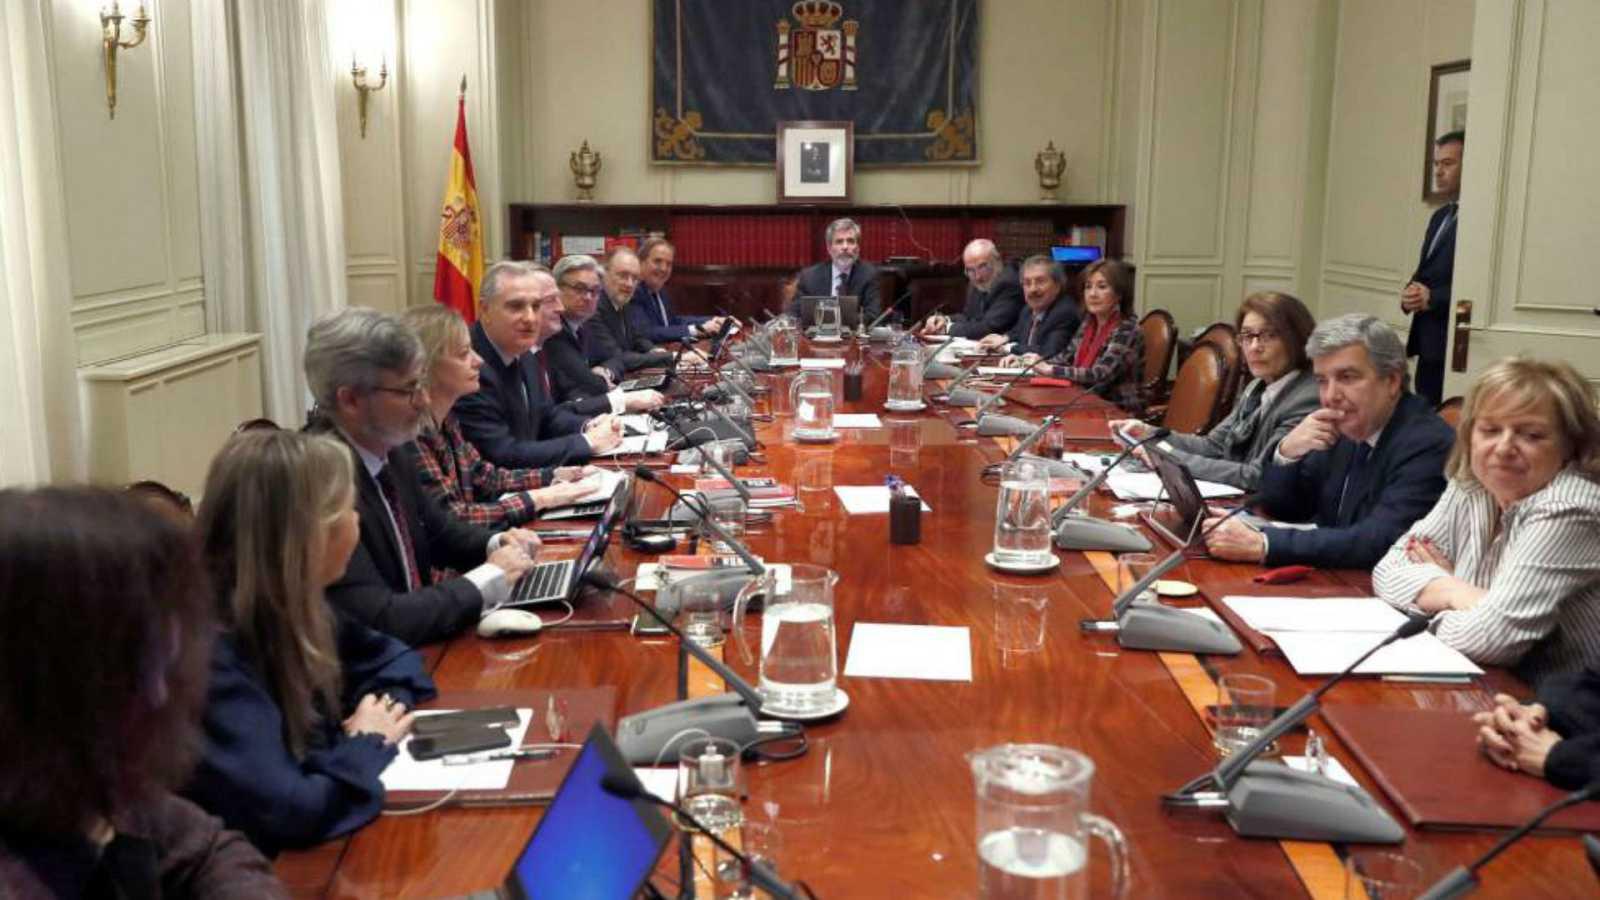 14 horas - El Pleno de CGPJ pospone una semana posibles nuevos nombramientos - Escuchar ahora